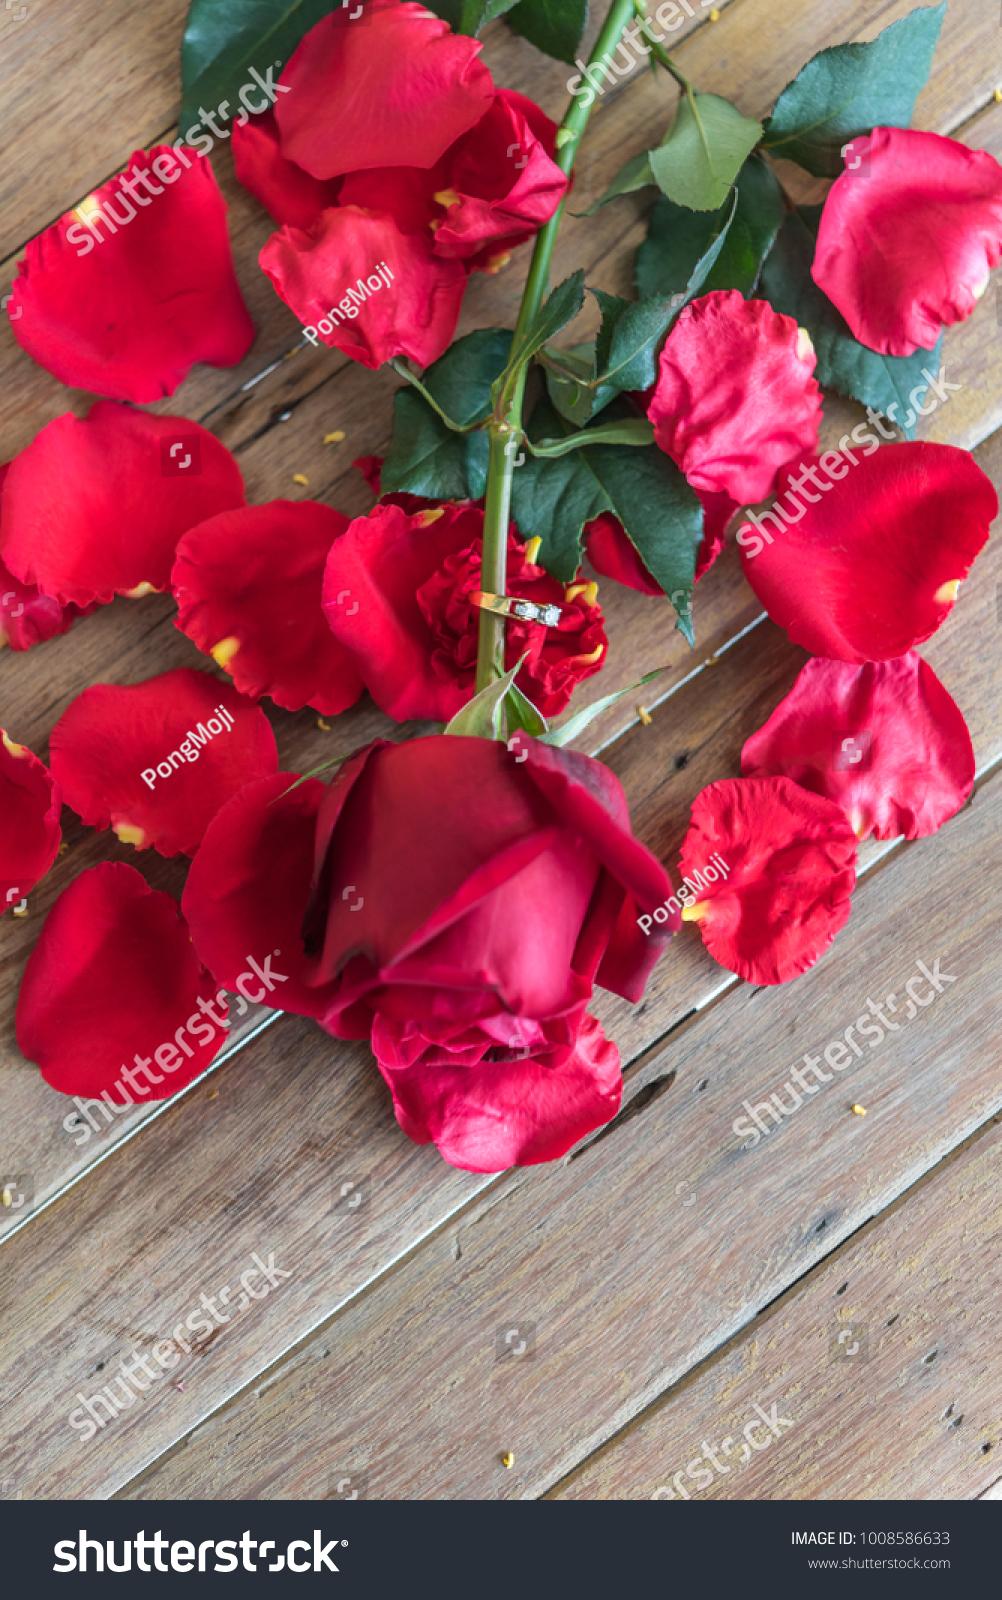 Red rose flower nature beautiful flowers stock photo edit now red rose flower nature beautiful flowers from garden petal of red rose flower and diamond ring izmirmasajfo